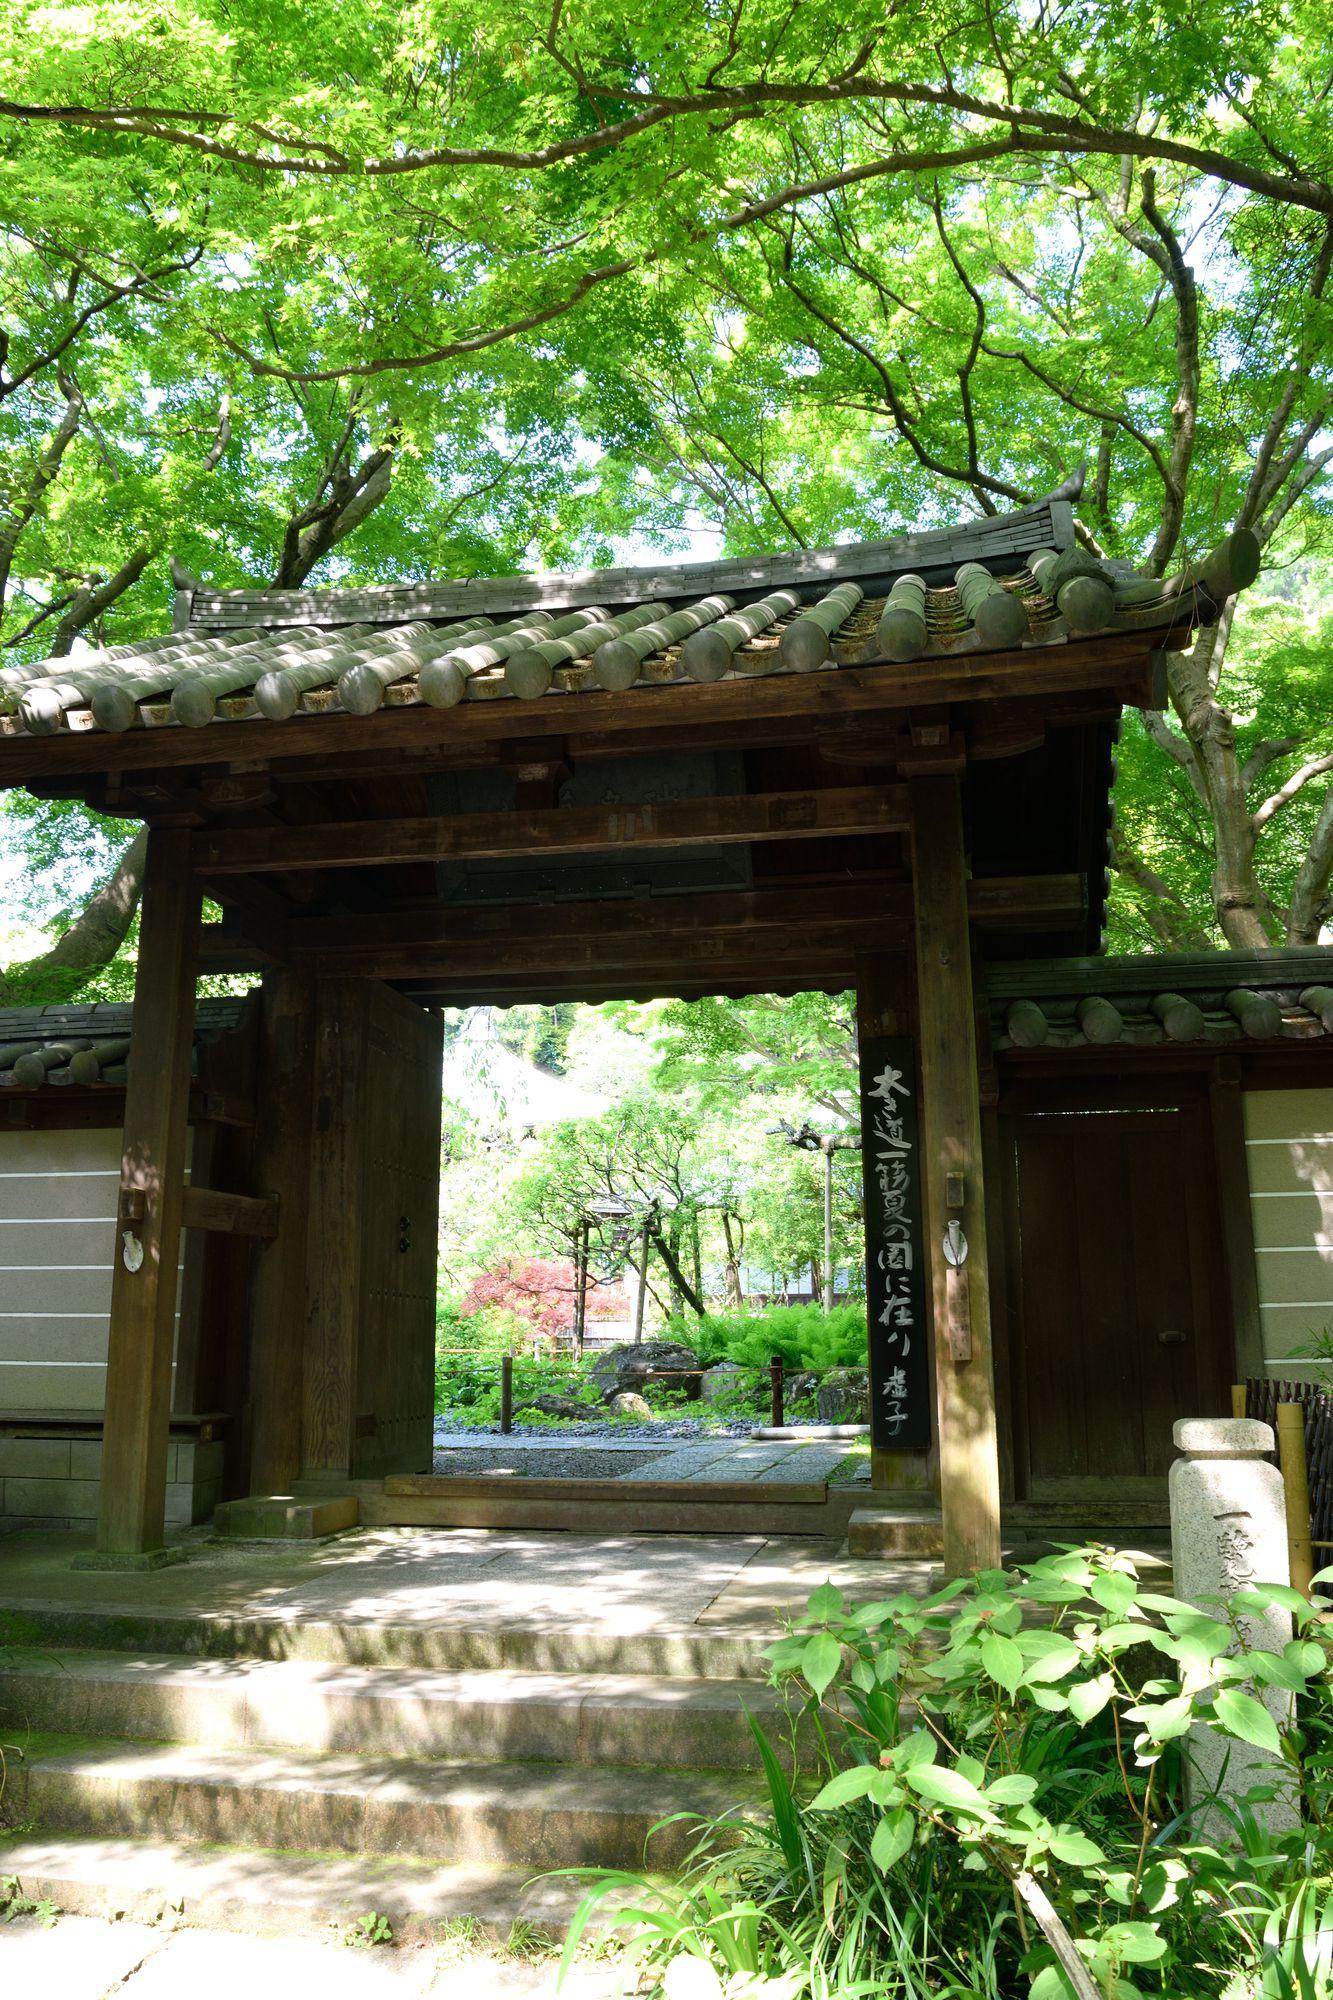 観光で訪れたい人気スポット!鎌倉のおすすめ神社・寺ランキングTOP15 13枚目の画像